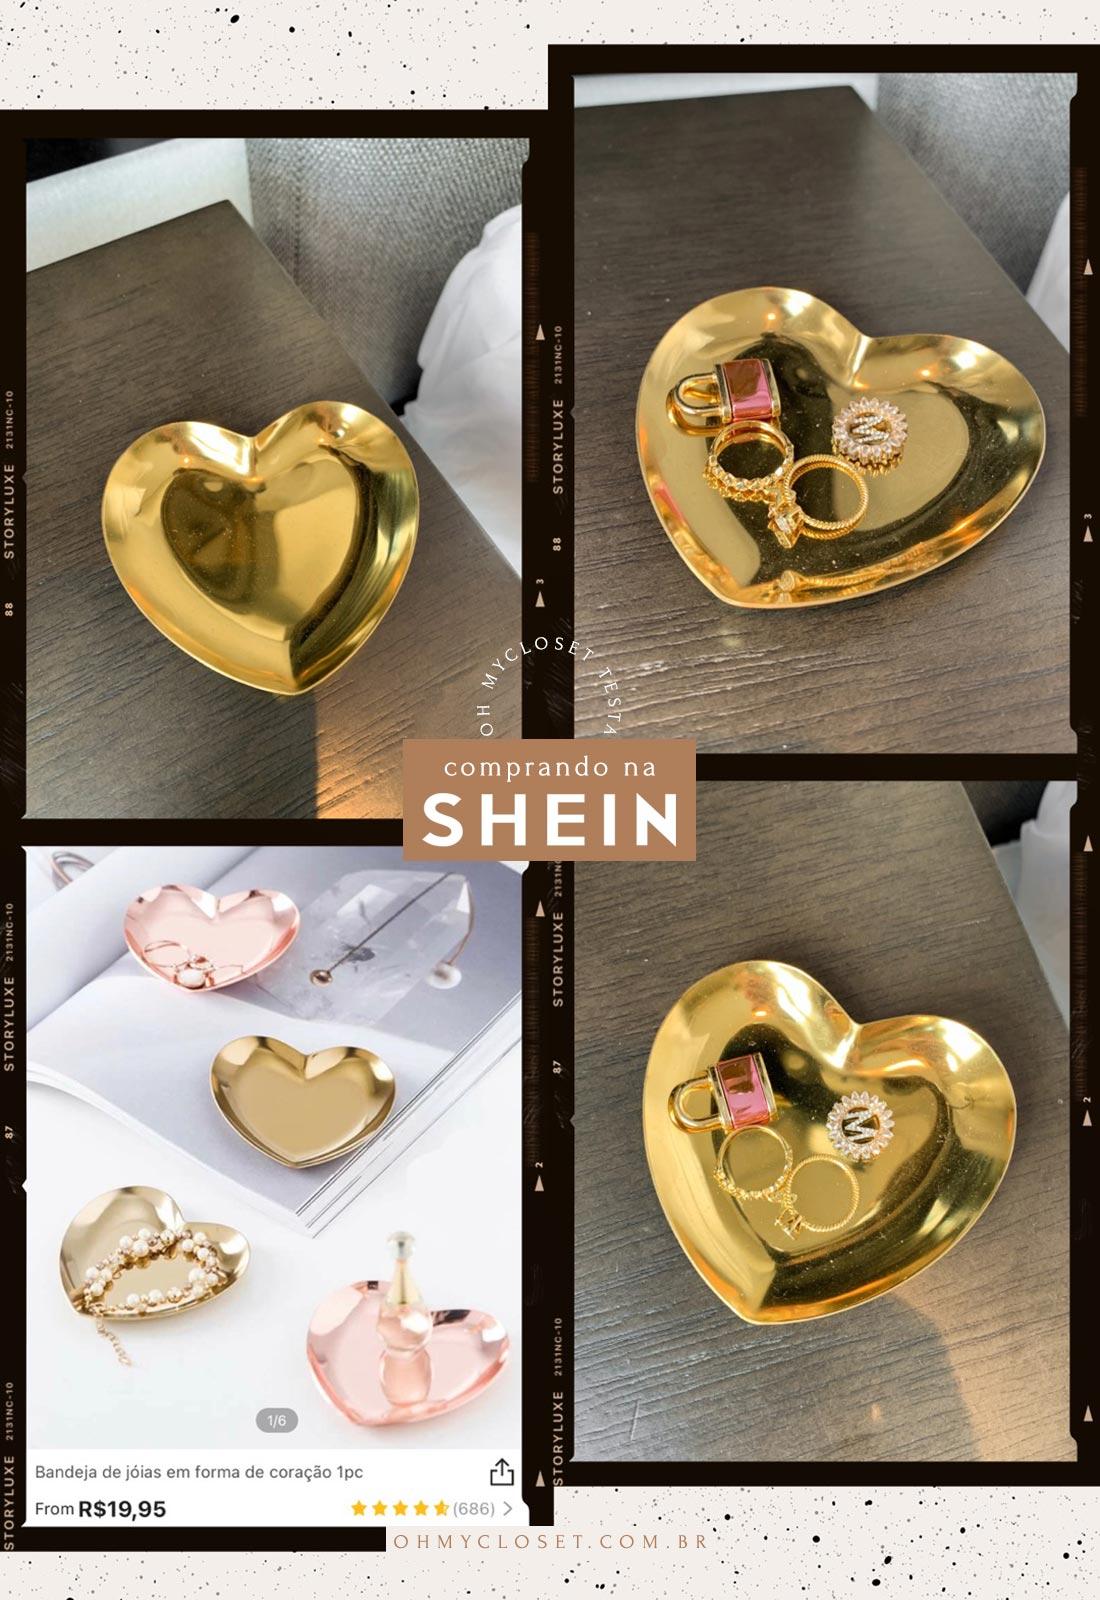 Decoração e porta anel da SHEIN.